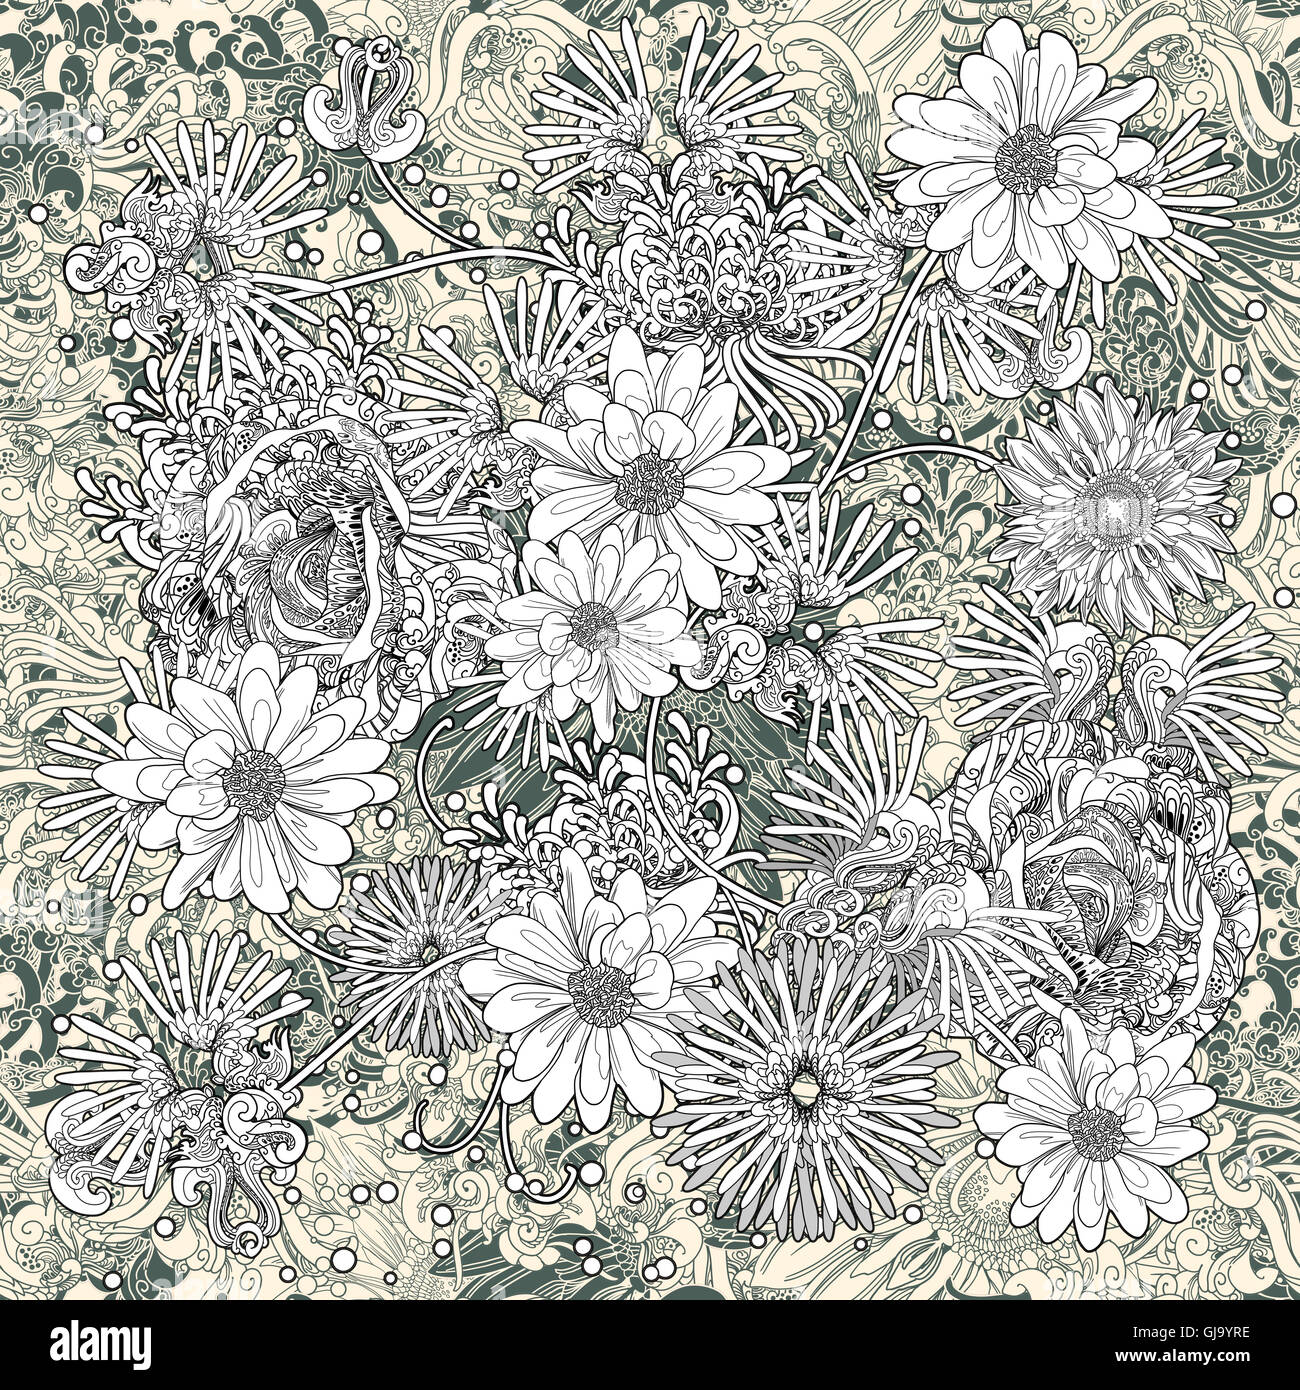 Fiori seamless pattern,floral,monocromatico sfondo infinito Immagini Stock